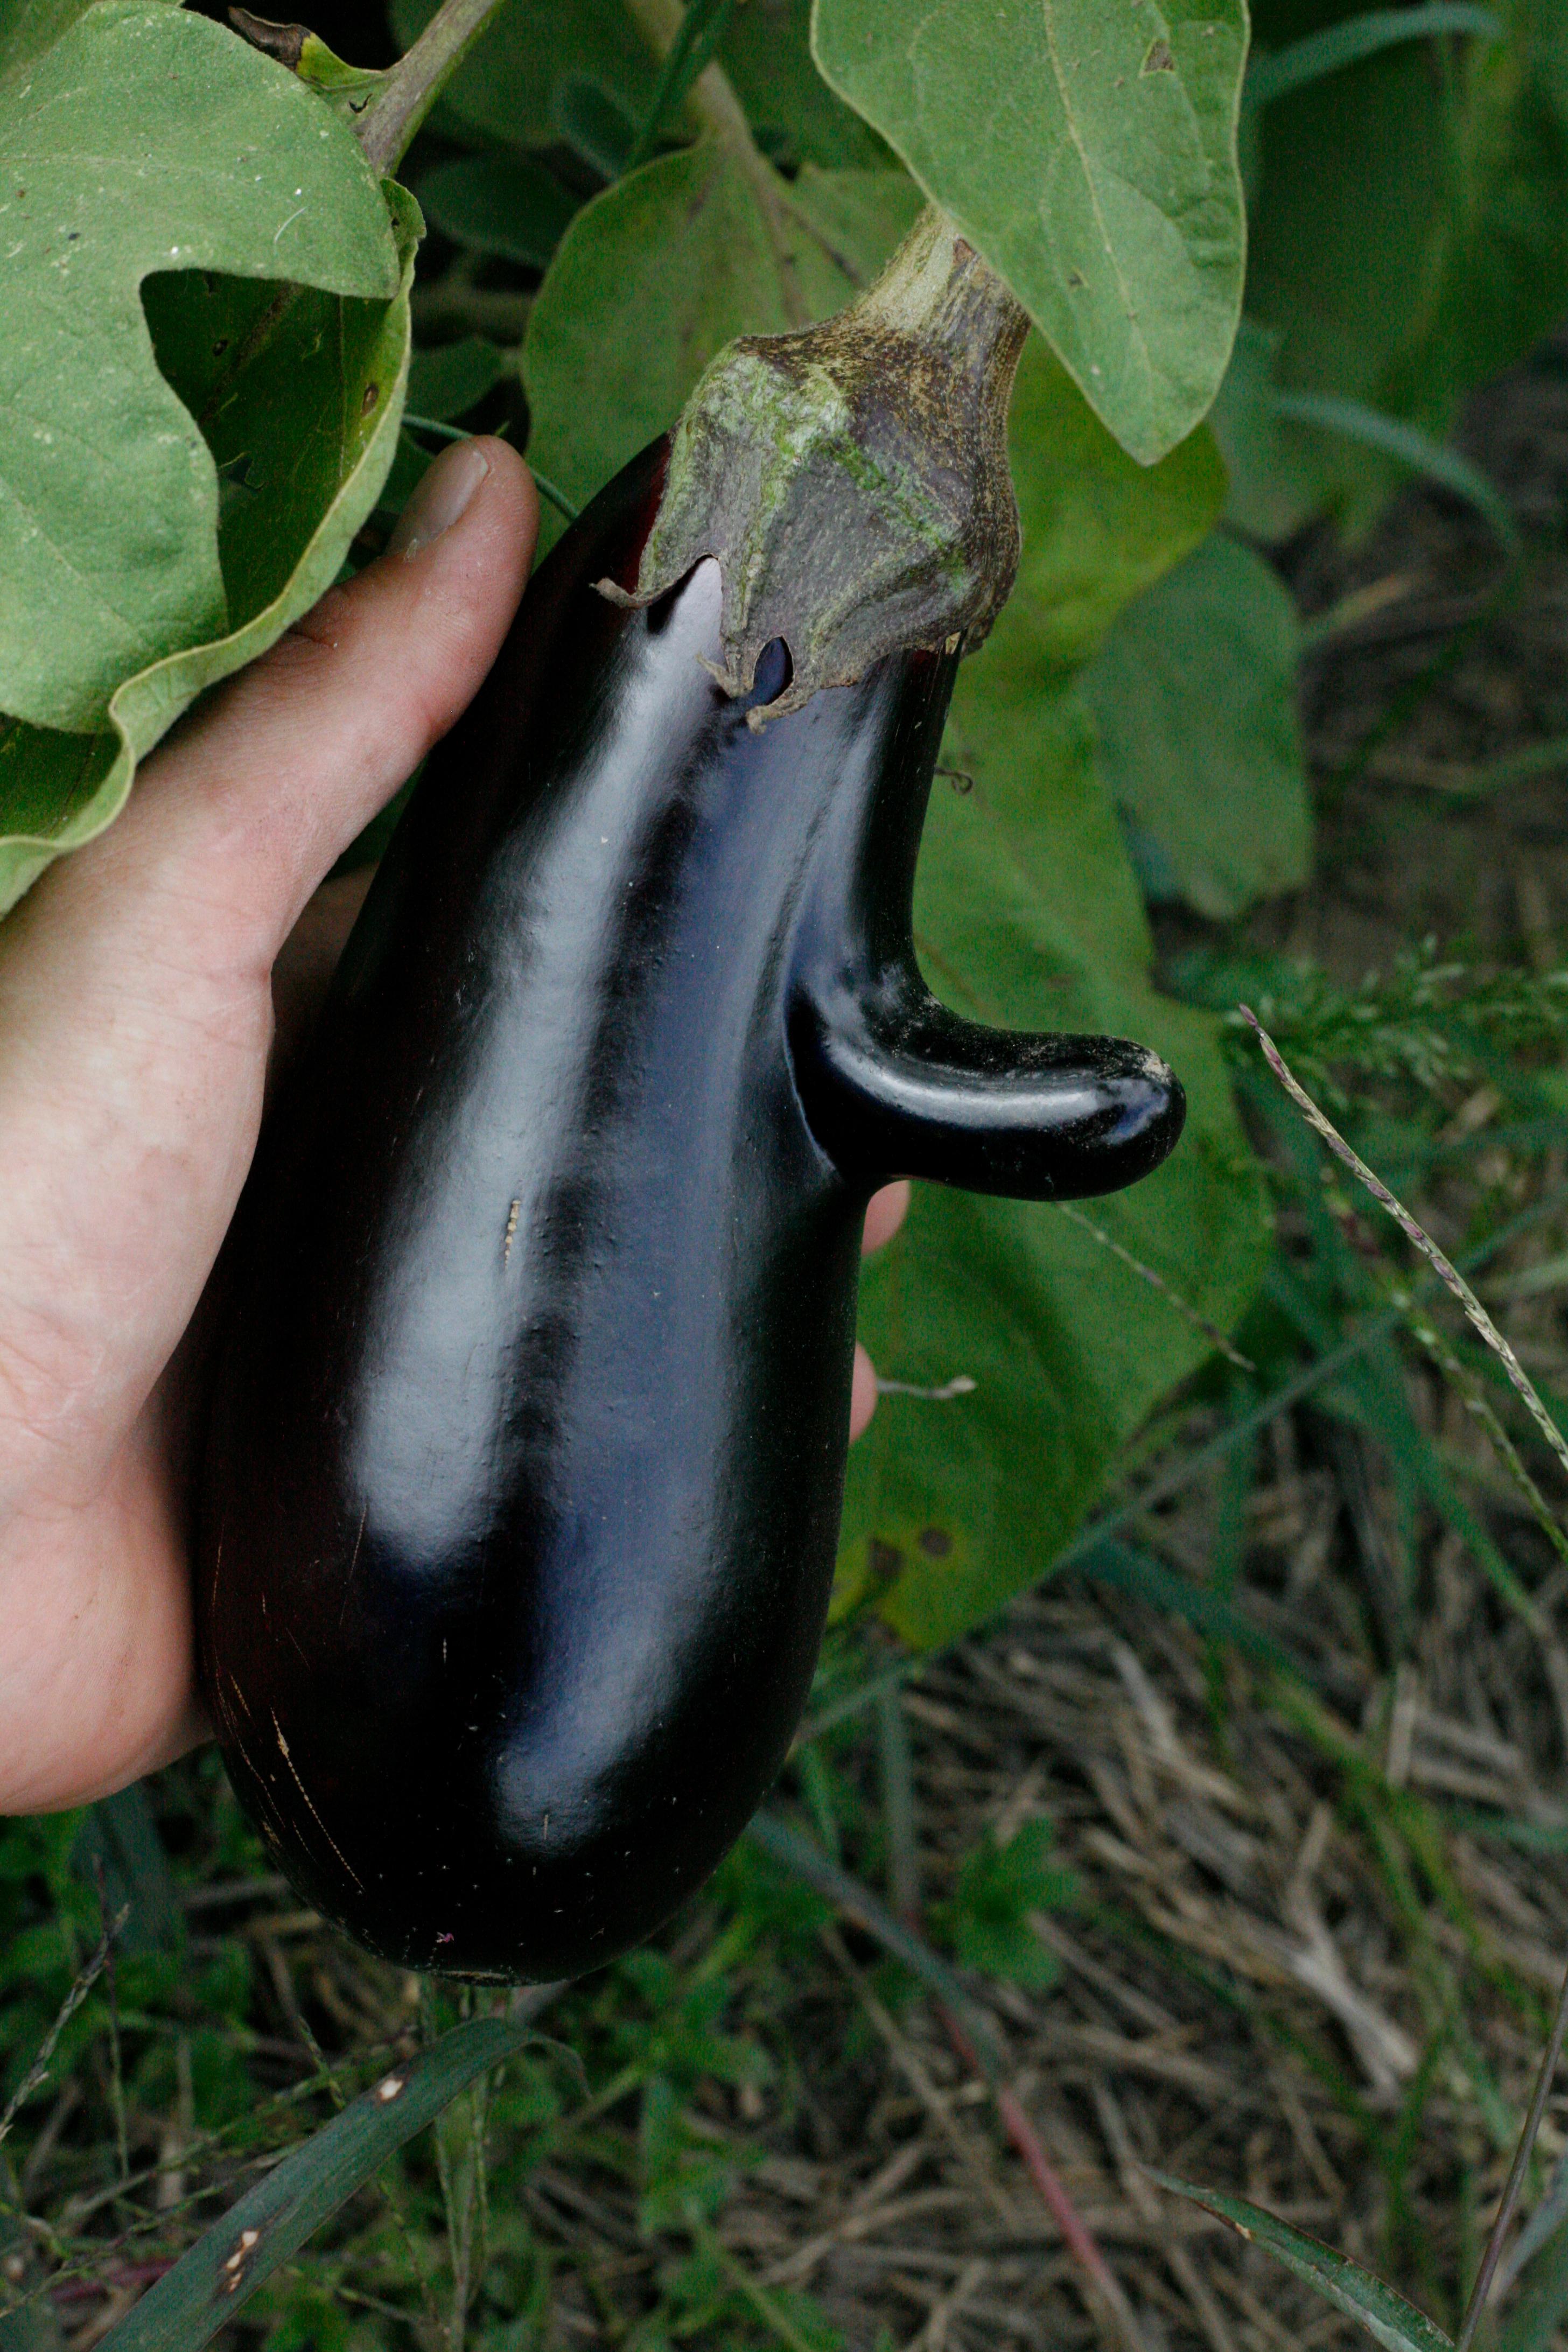 Pinocchio the Eggplant